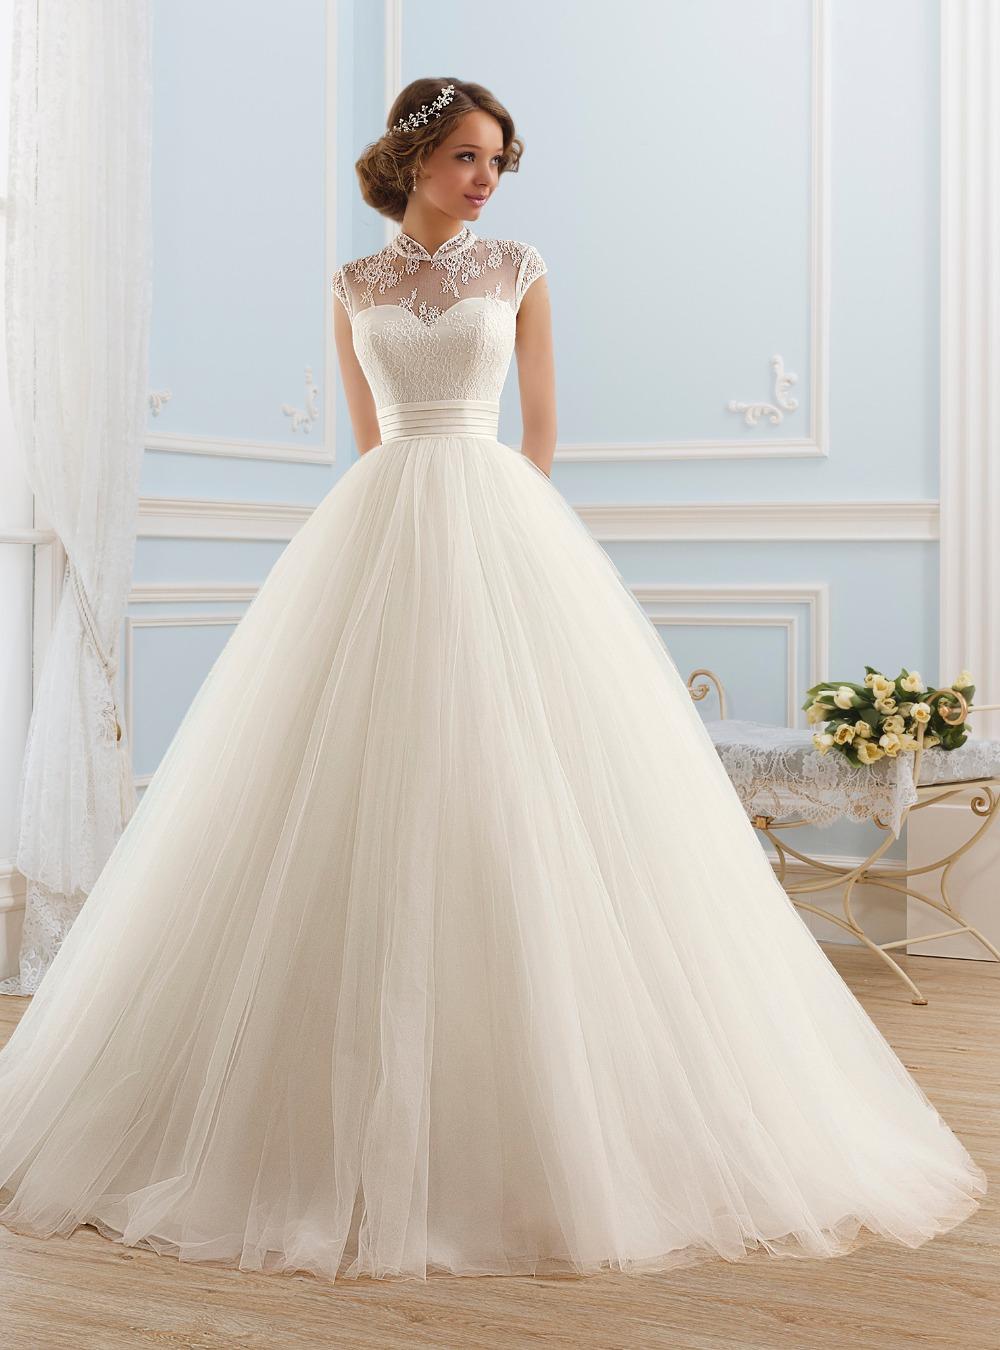 Заказать пошив свадебного платья